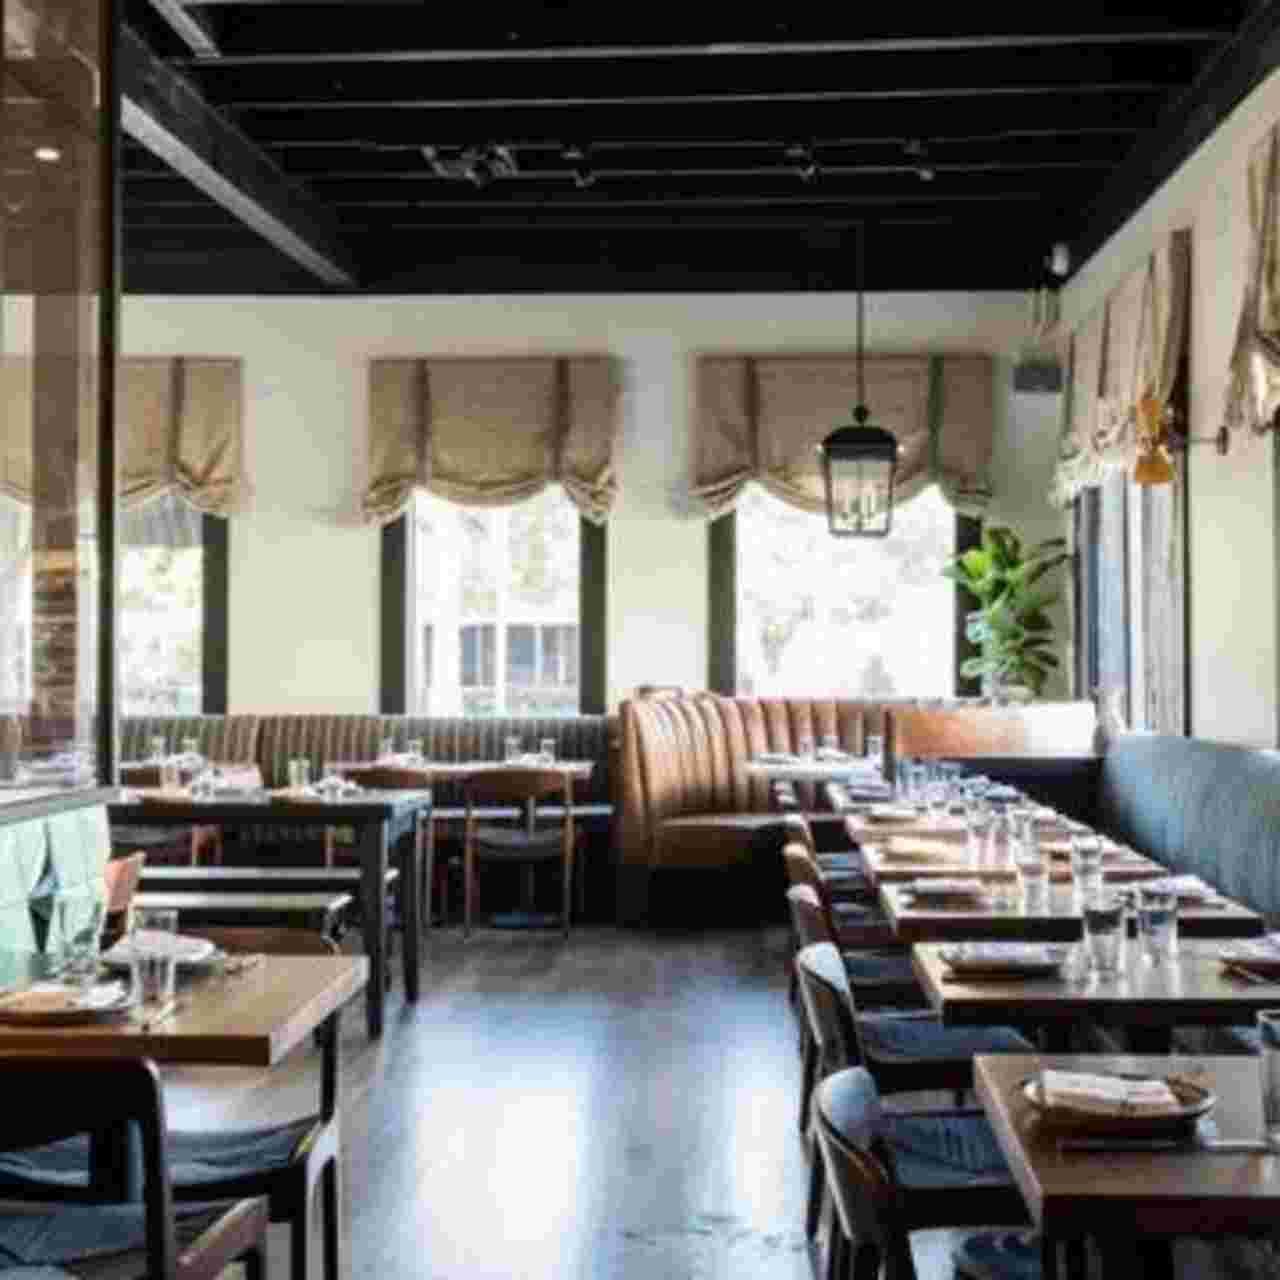 Hottest Restaurants in LA